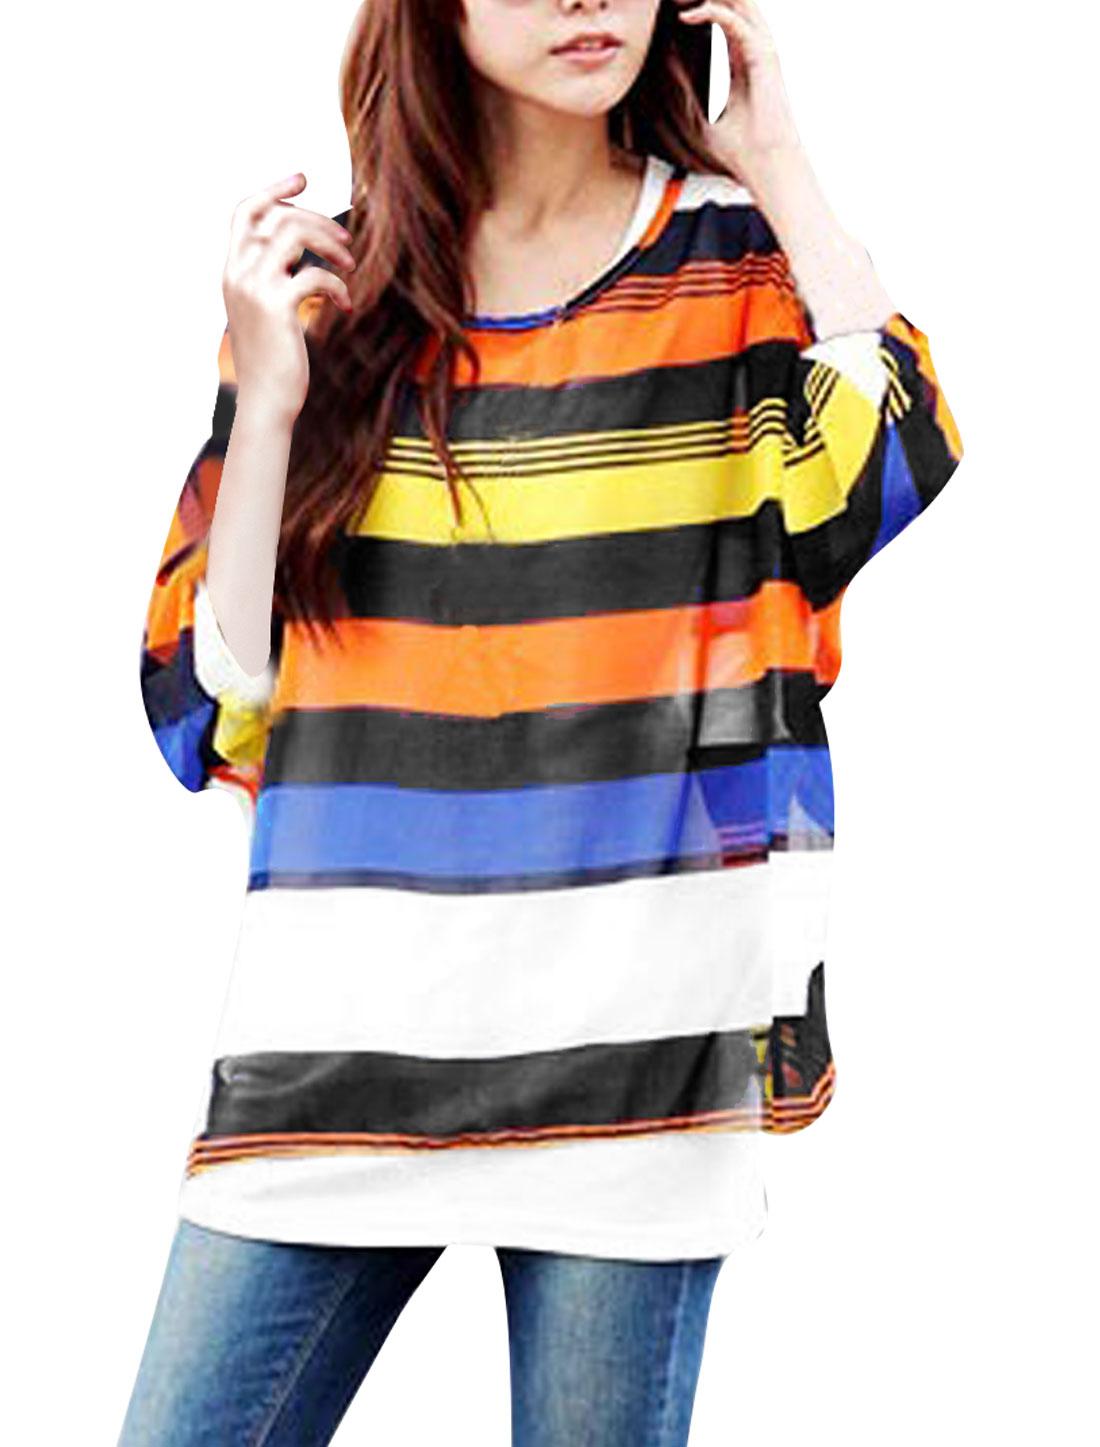 M Ladies Round Neck Style Stripes Print Blouse Orange White